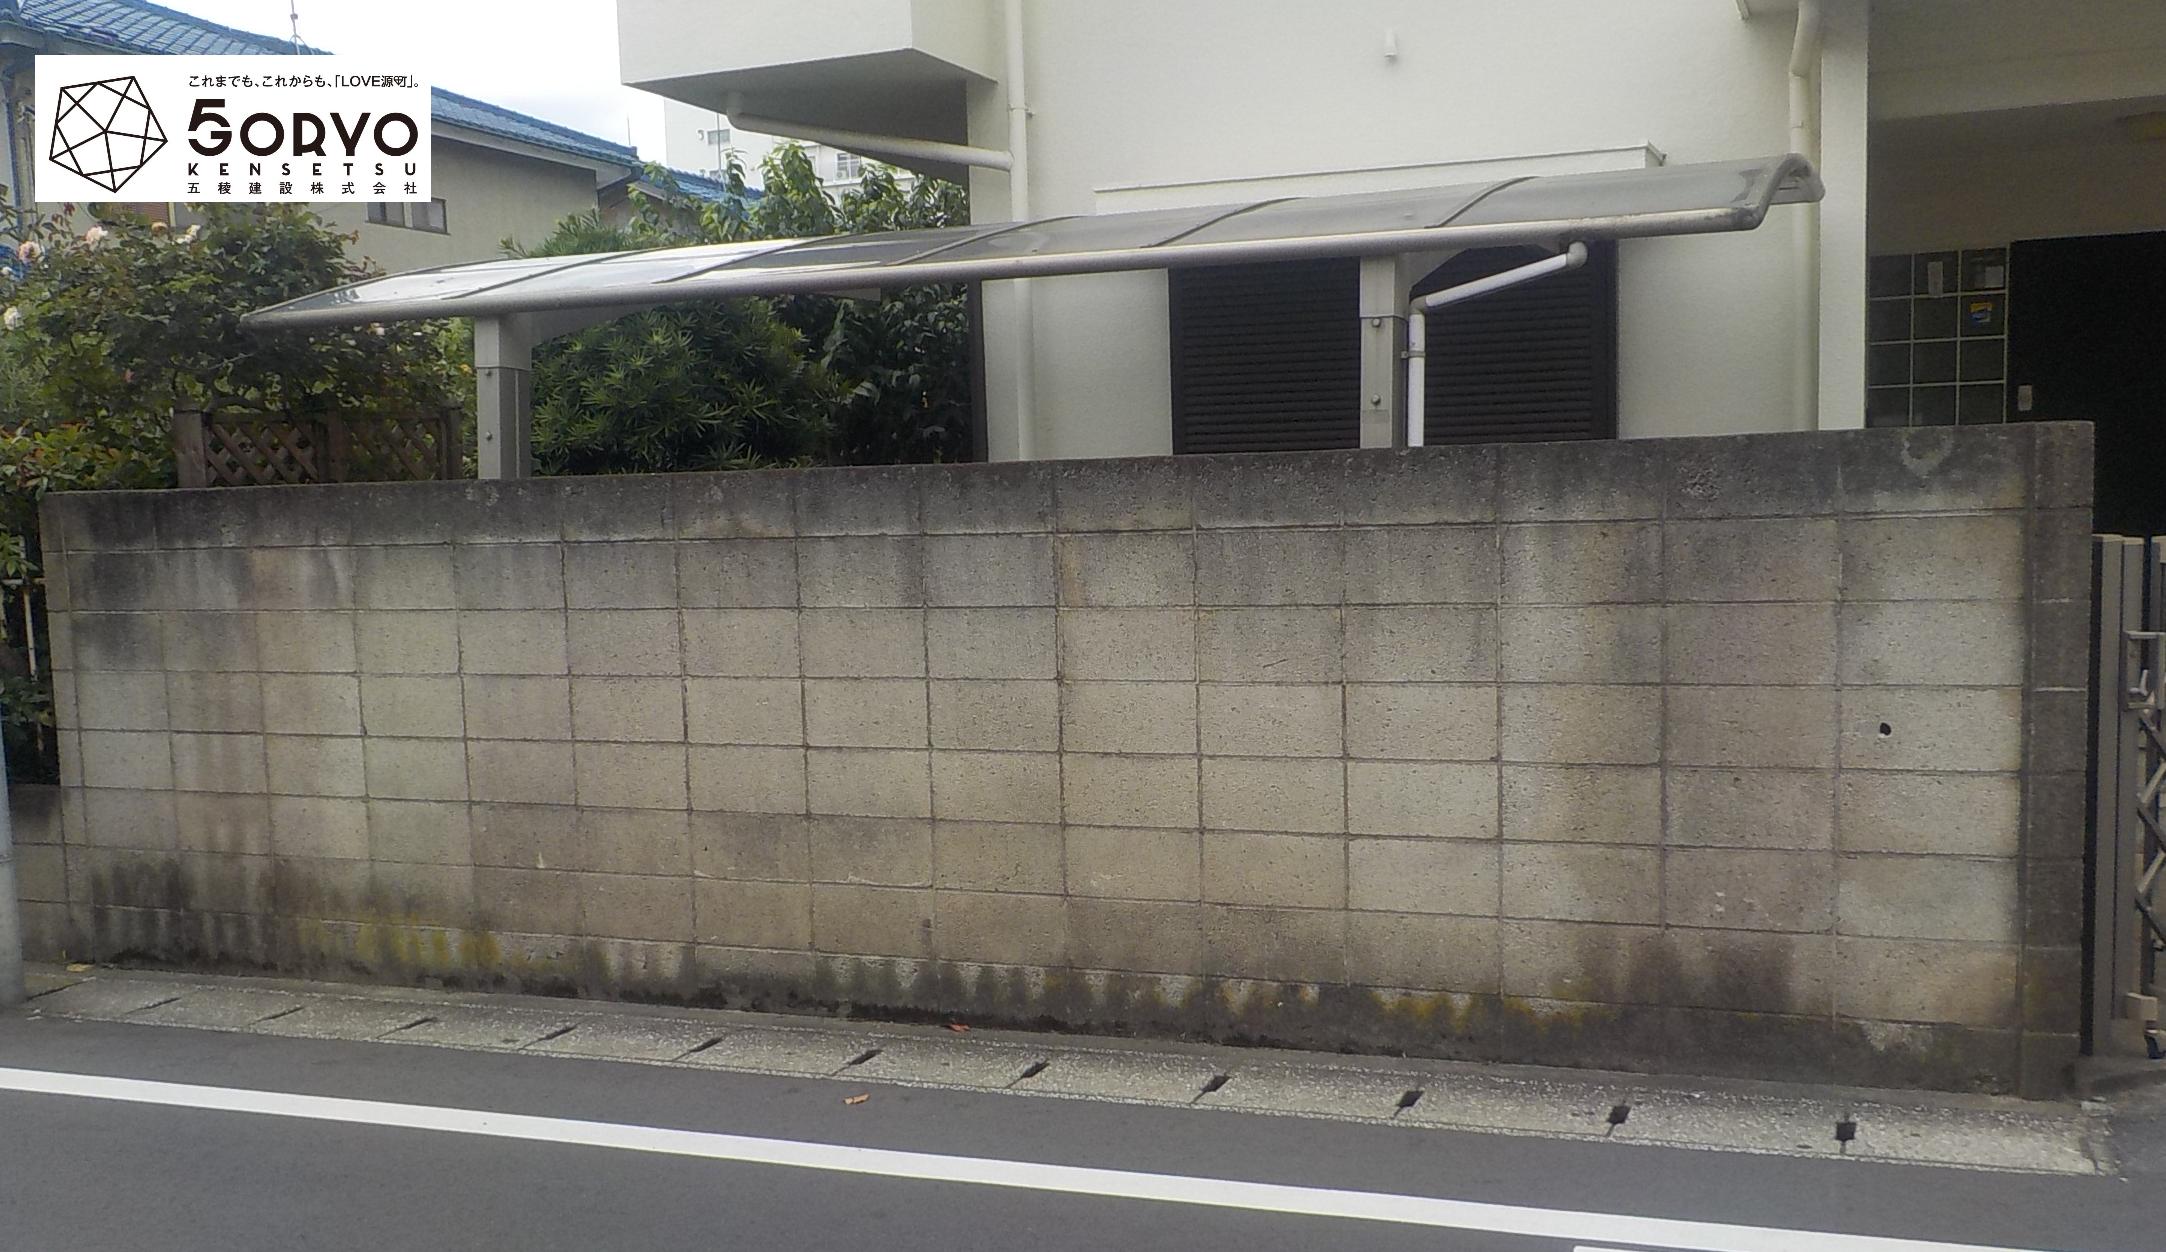 千葉市稲毛区Y様邸コンクリートブロック積み替え・フェンス設置外構工事:施工前